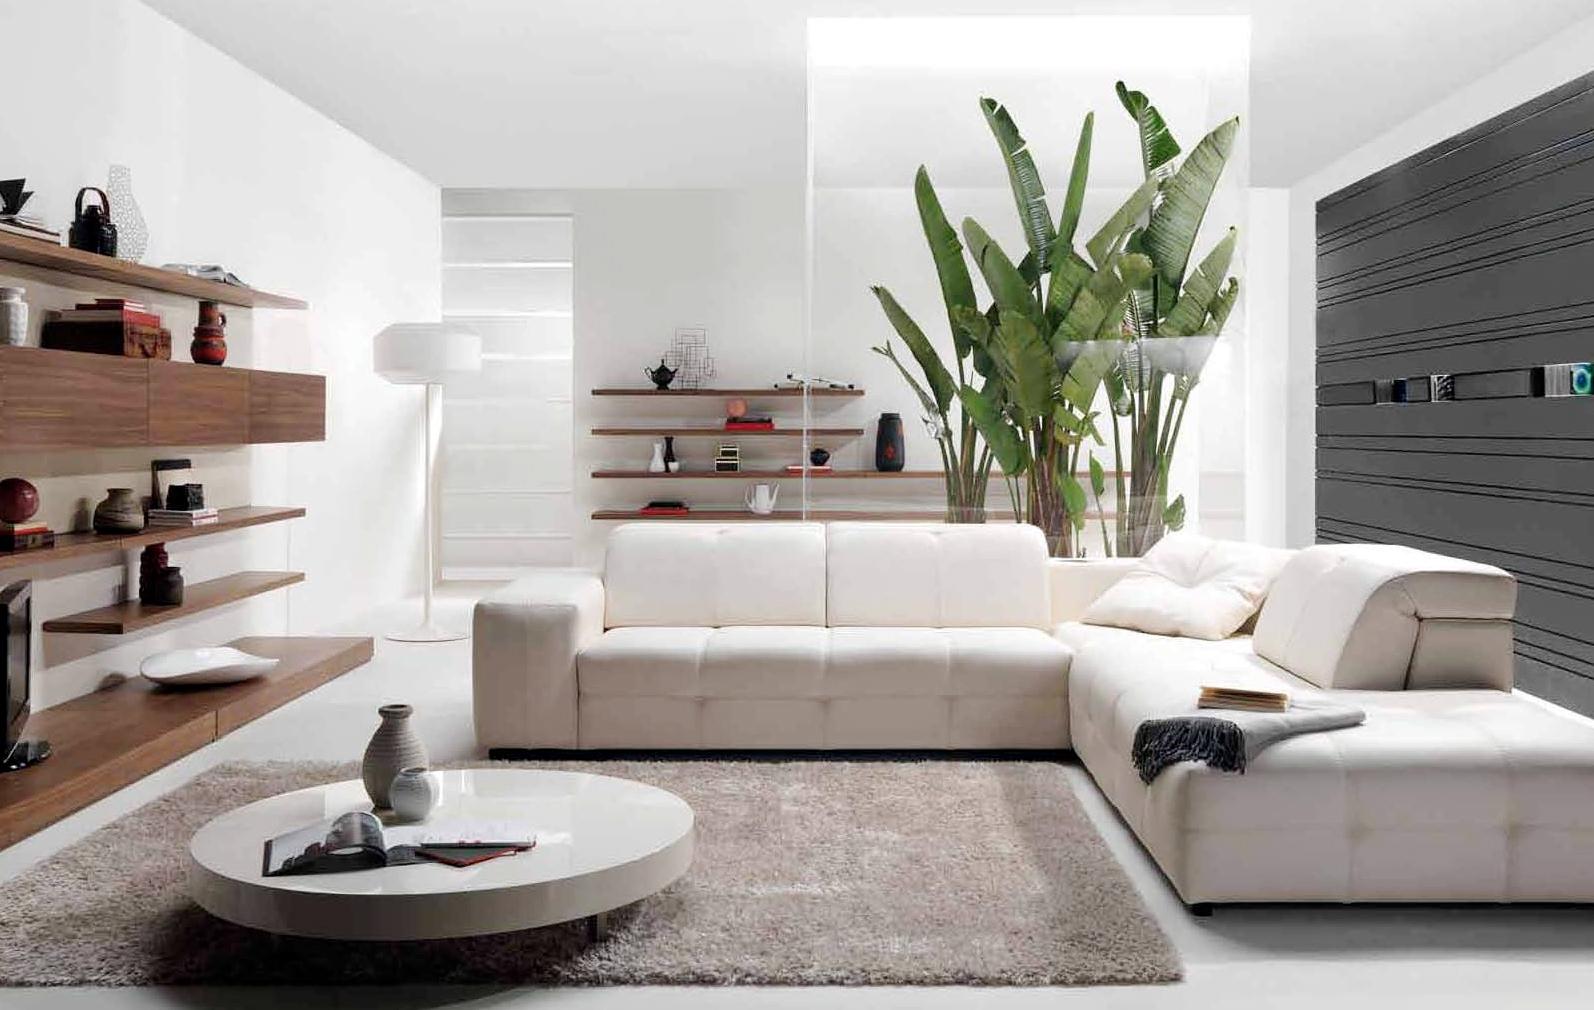 Interior Design Ideas, Interior Designs, Home Design Ideas